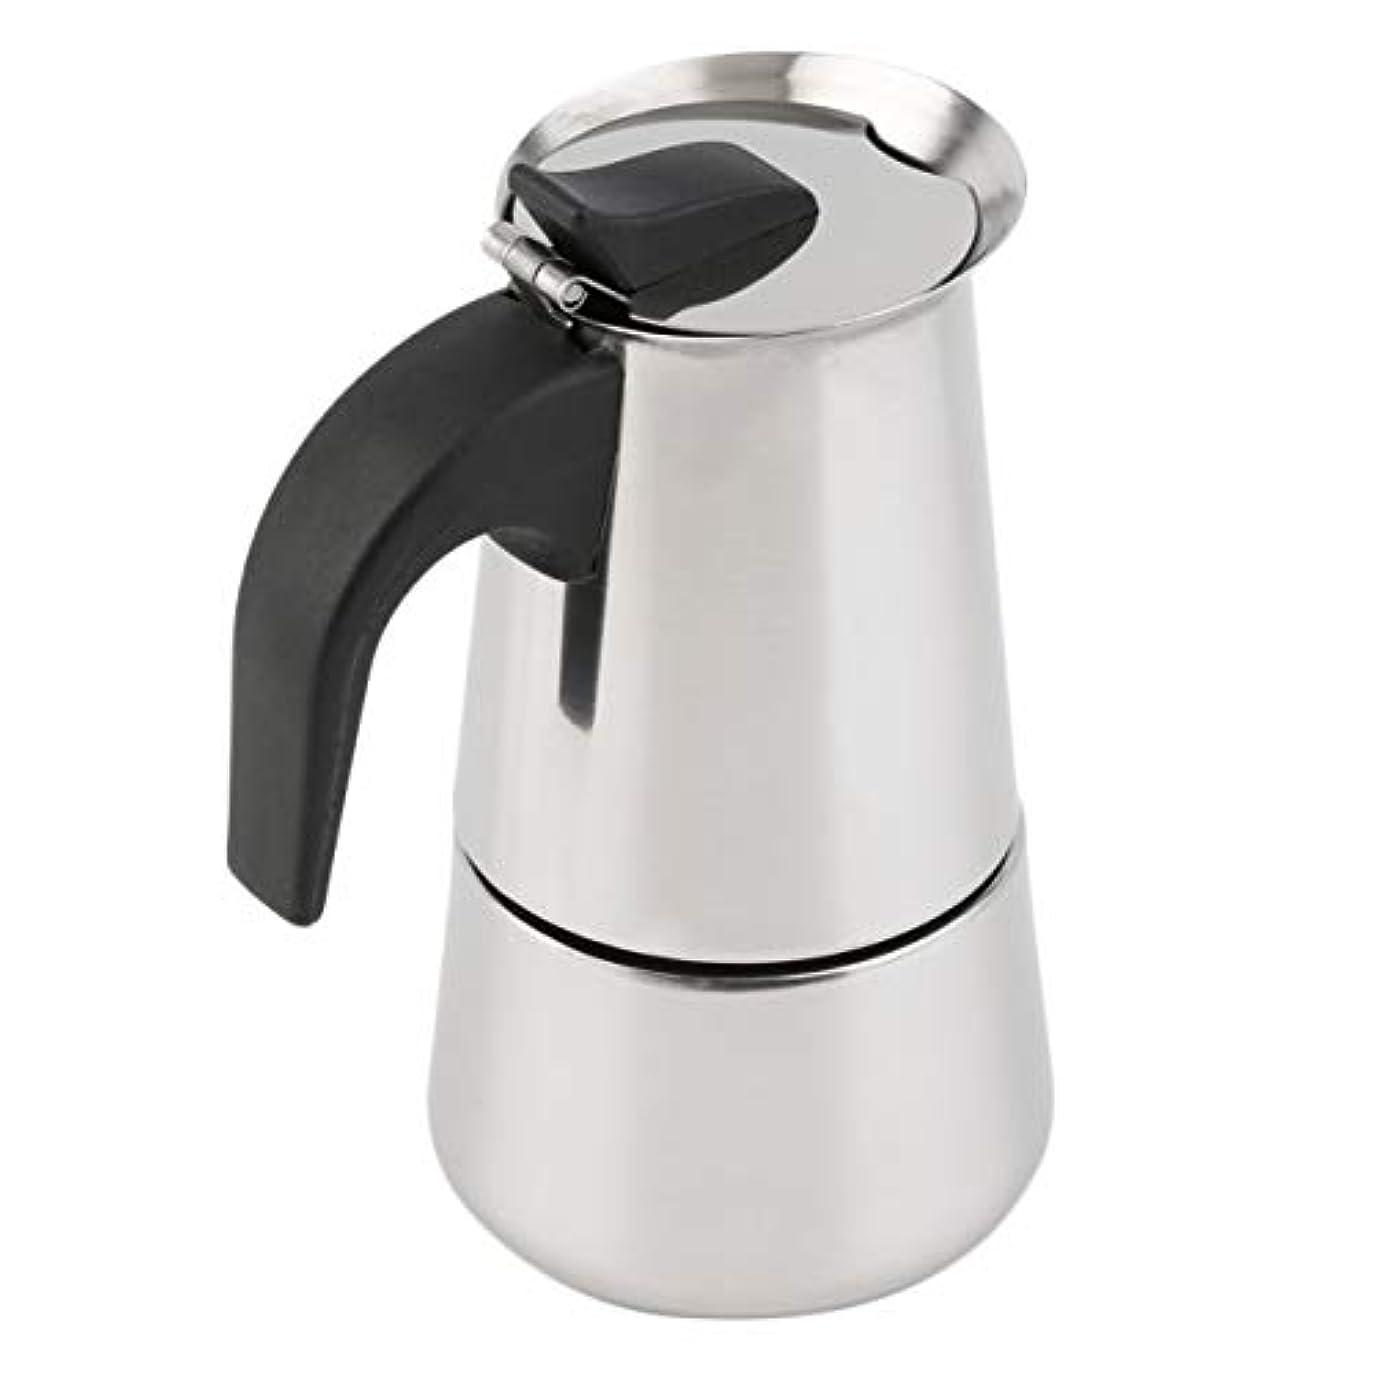 広くこれら組み込むSaikogoods 2/4/6カップパーコレーターストーブトップのコーヒーメーカーモカエスプレッソラテステンレスポットホット販売 銀 6カップ